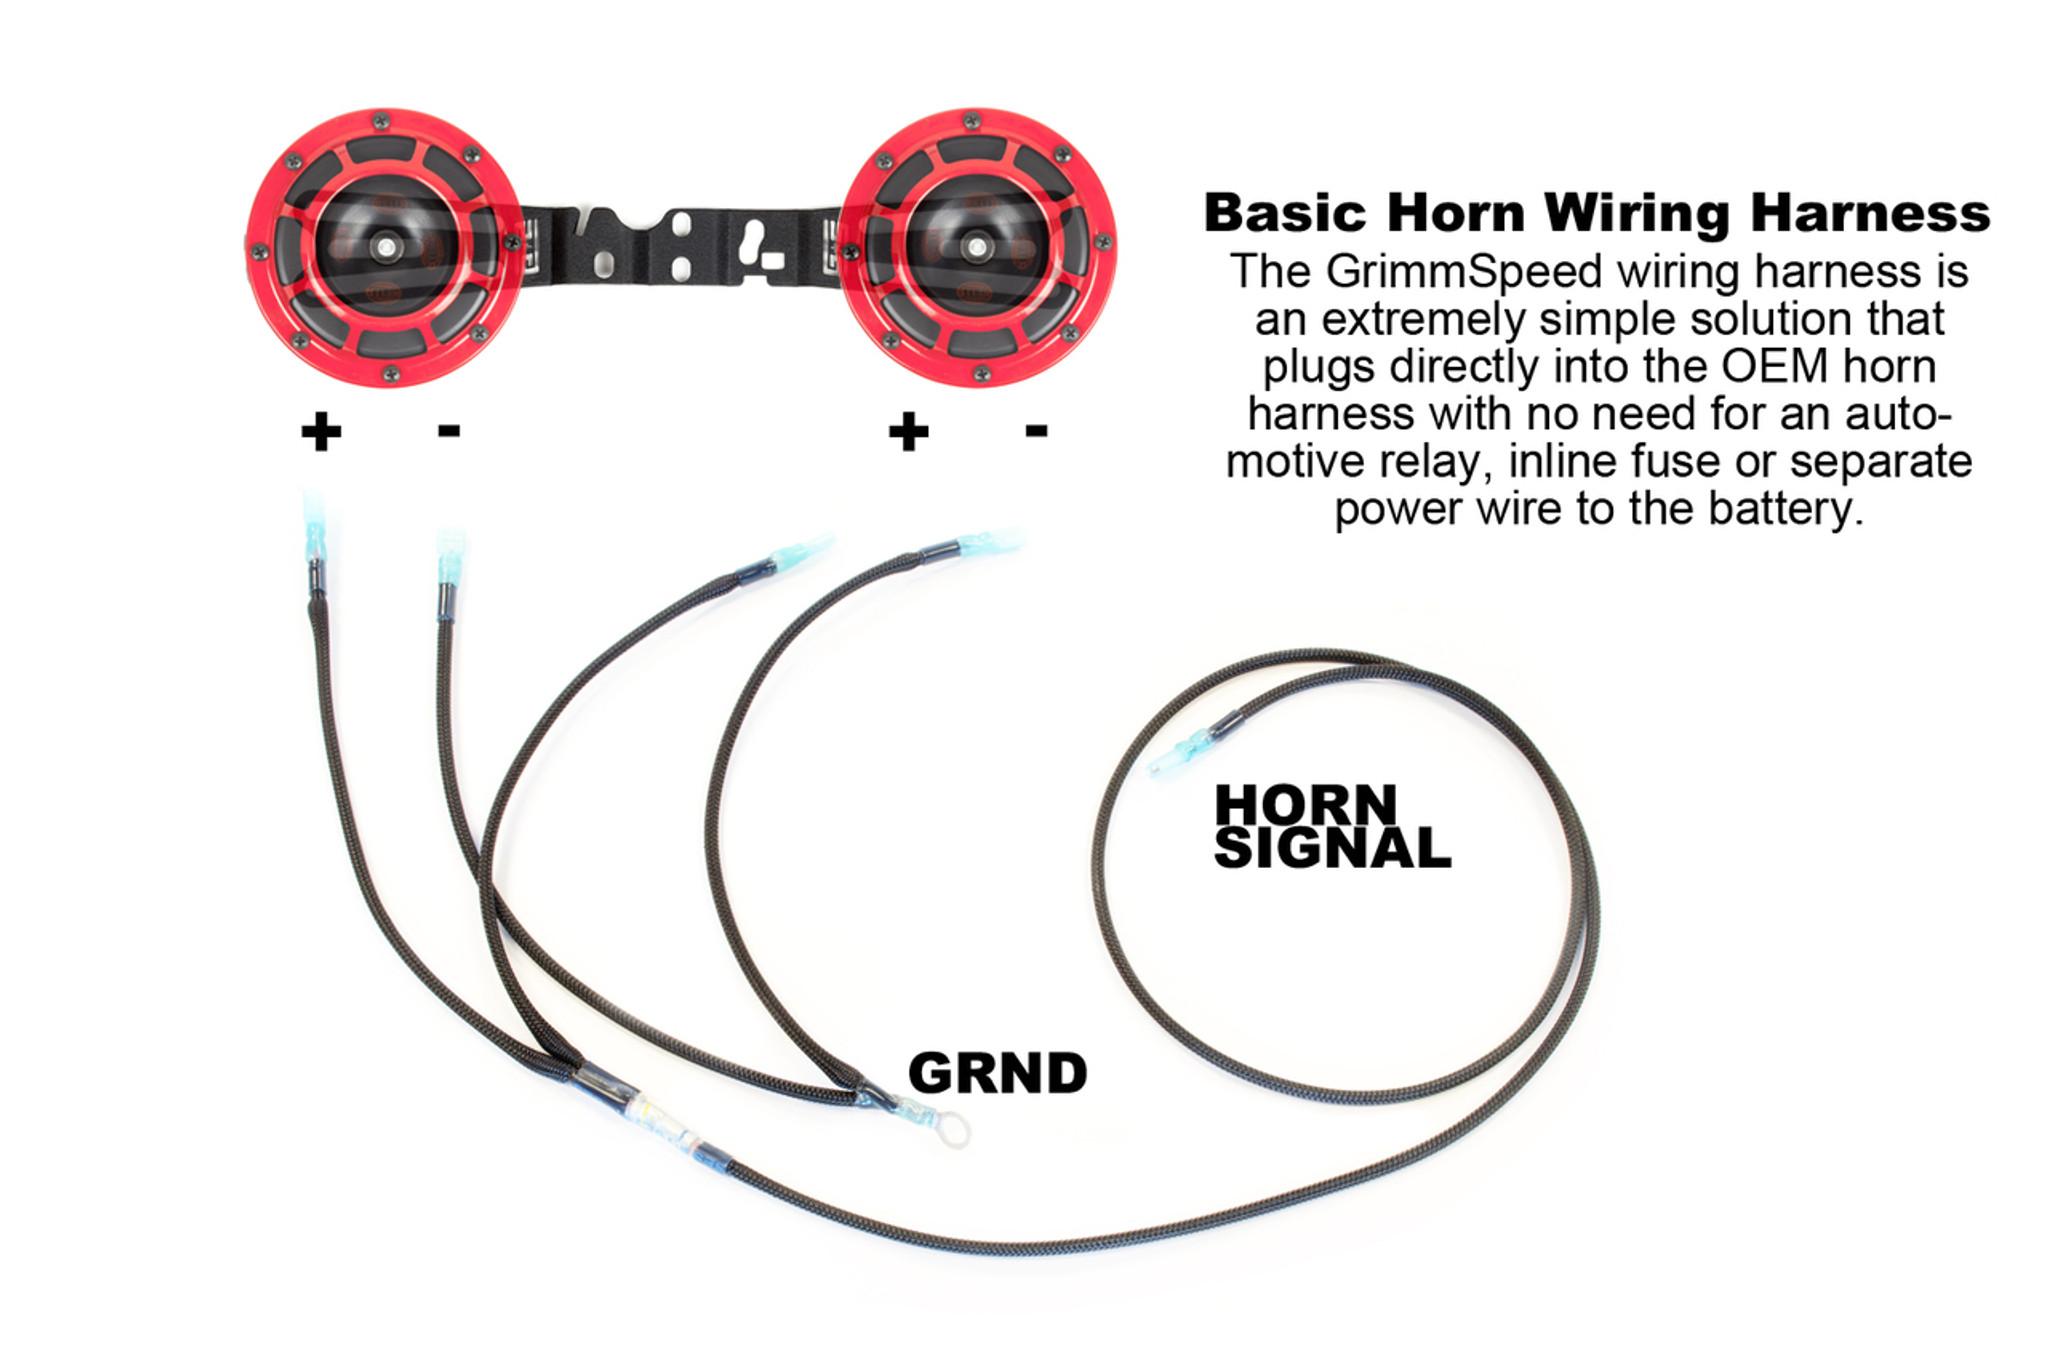 subaru impreza horn wiring diagram eaton starter 2000 diagrams thumbs detailed wagon